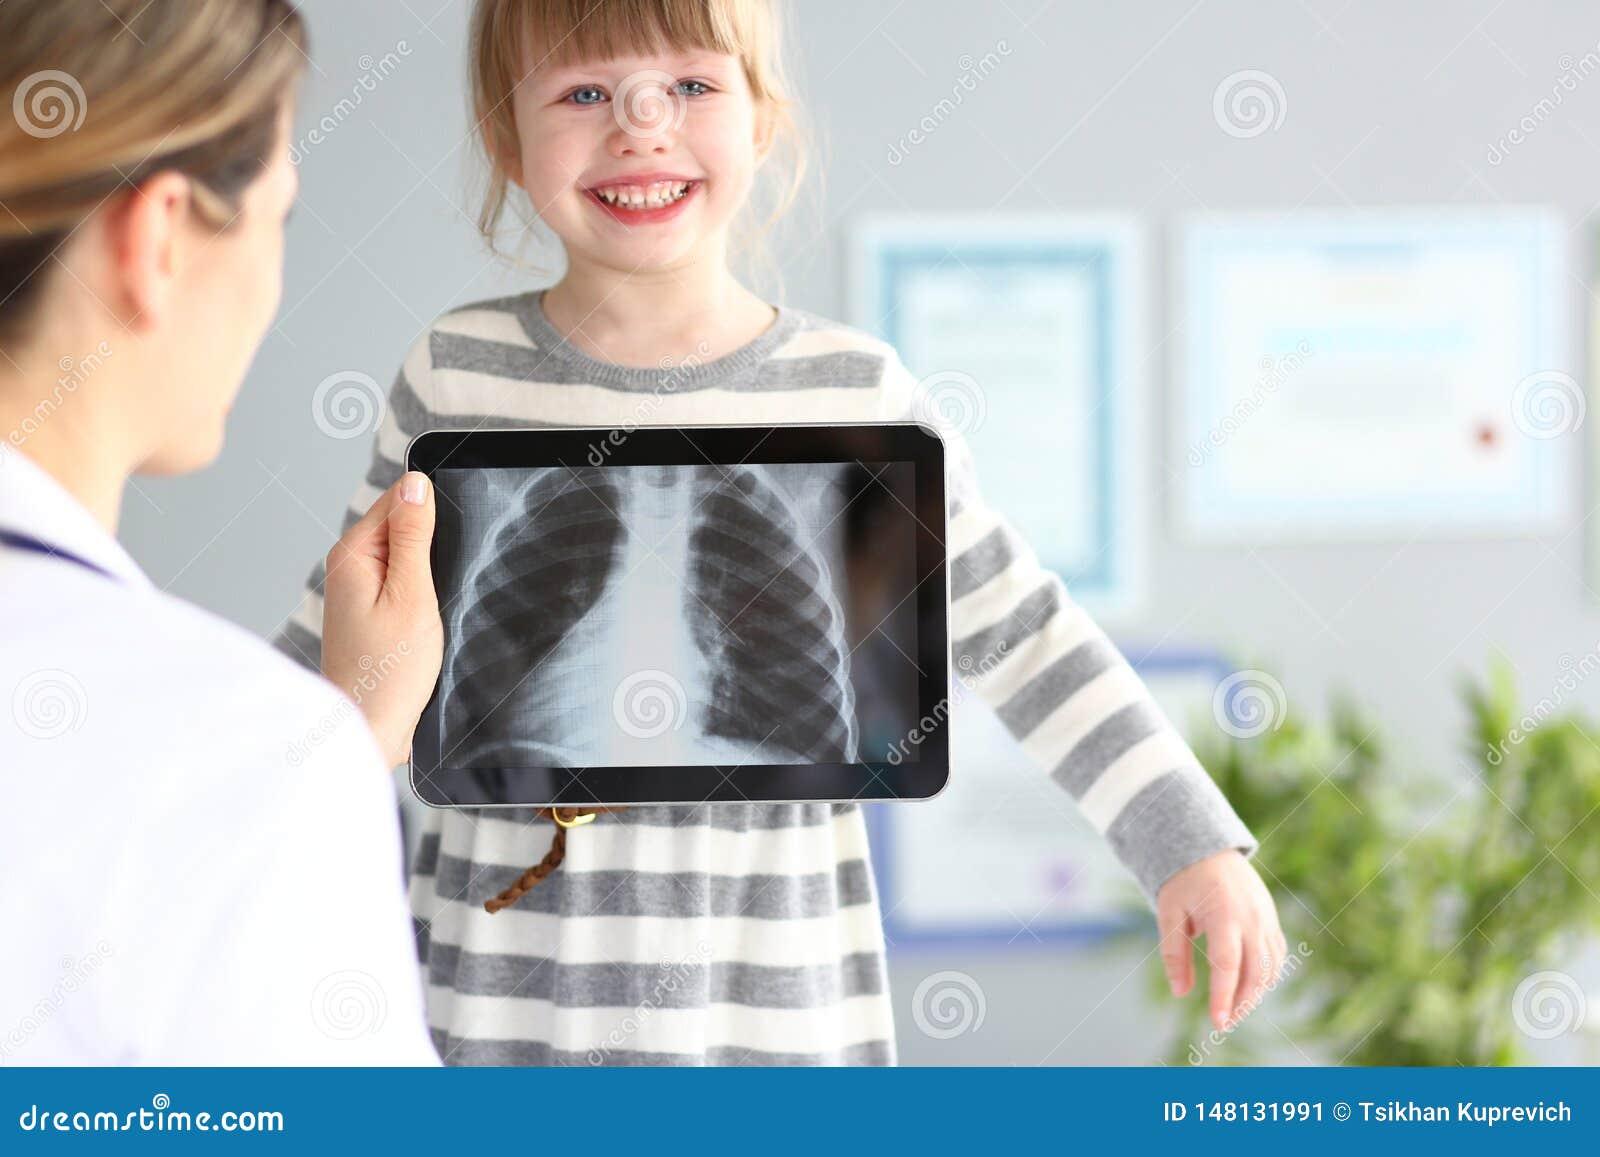 Ärztin, die wenig Mädchen mit ultra modernem Überprüfungstabletten-PC-Gerät überprüft